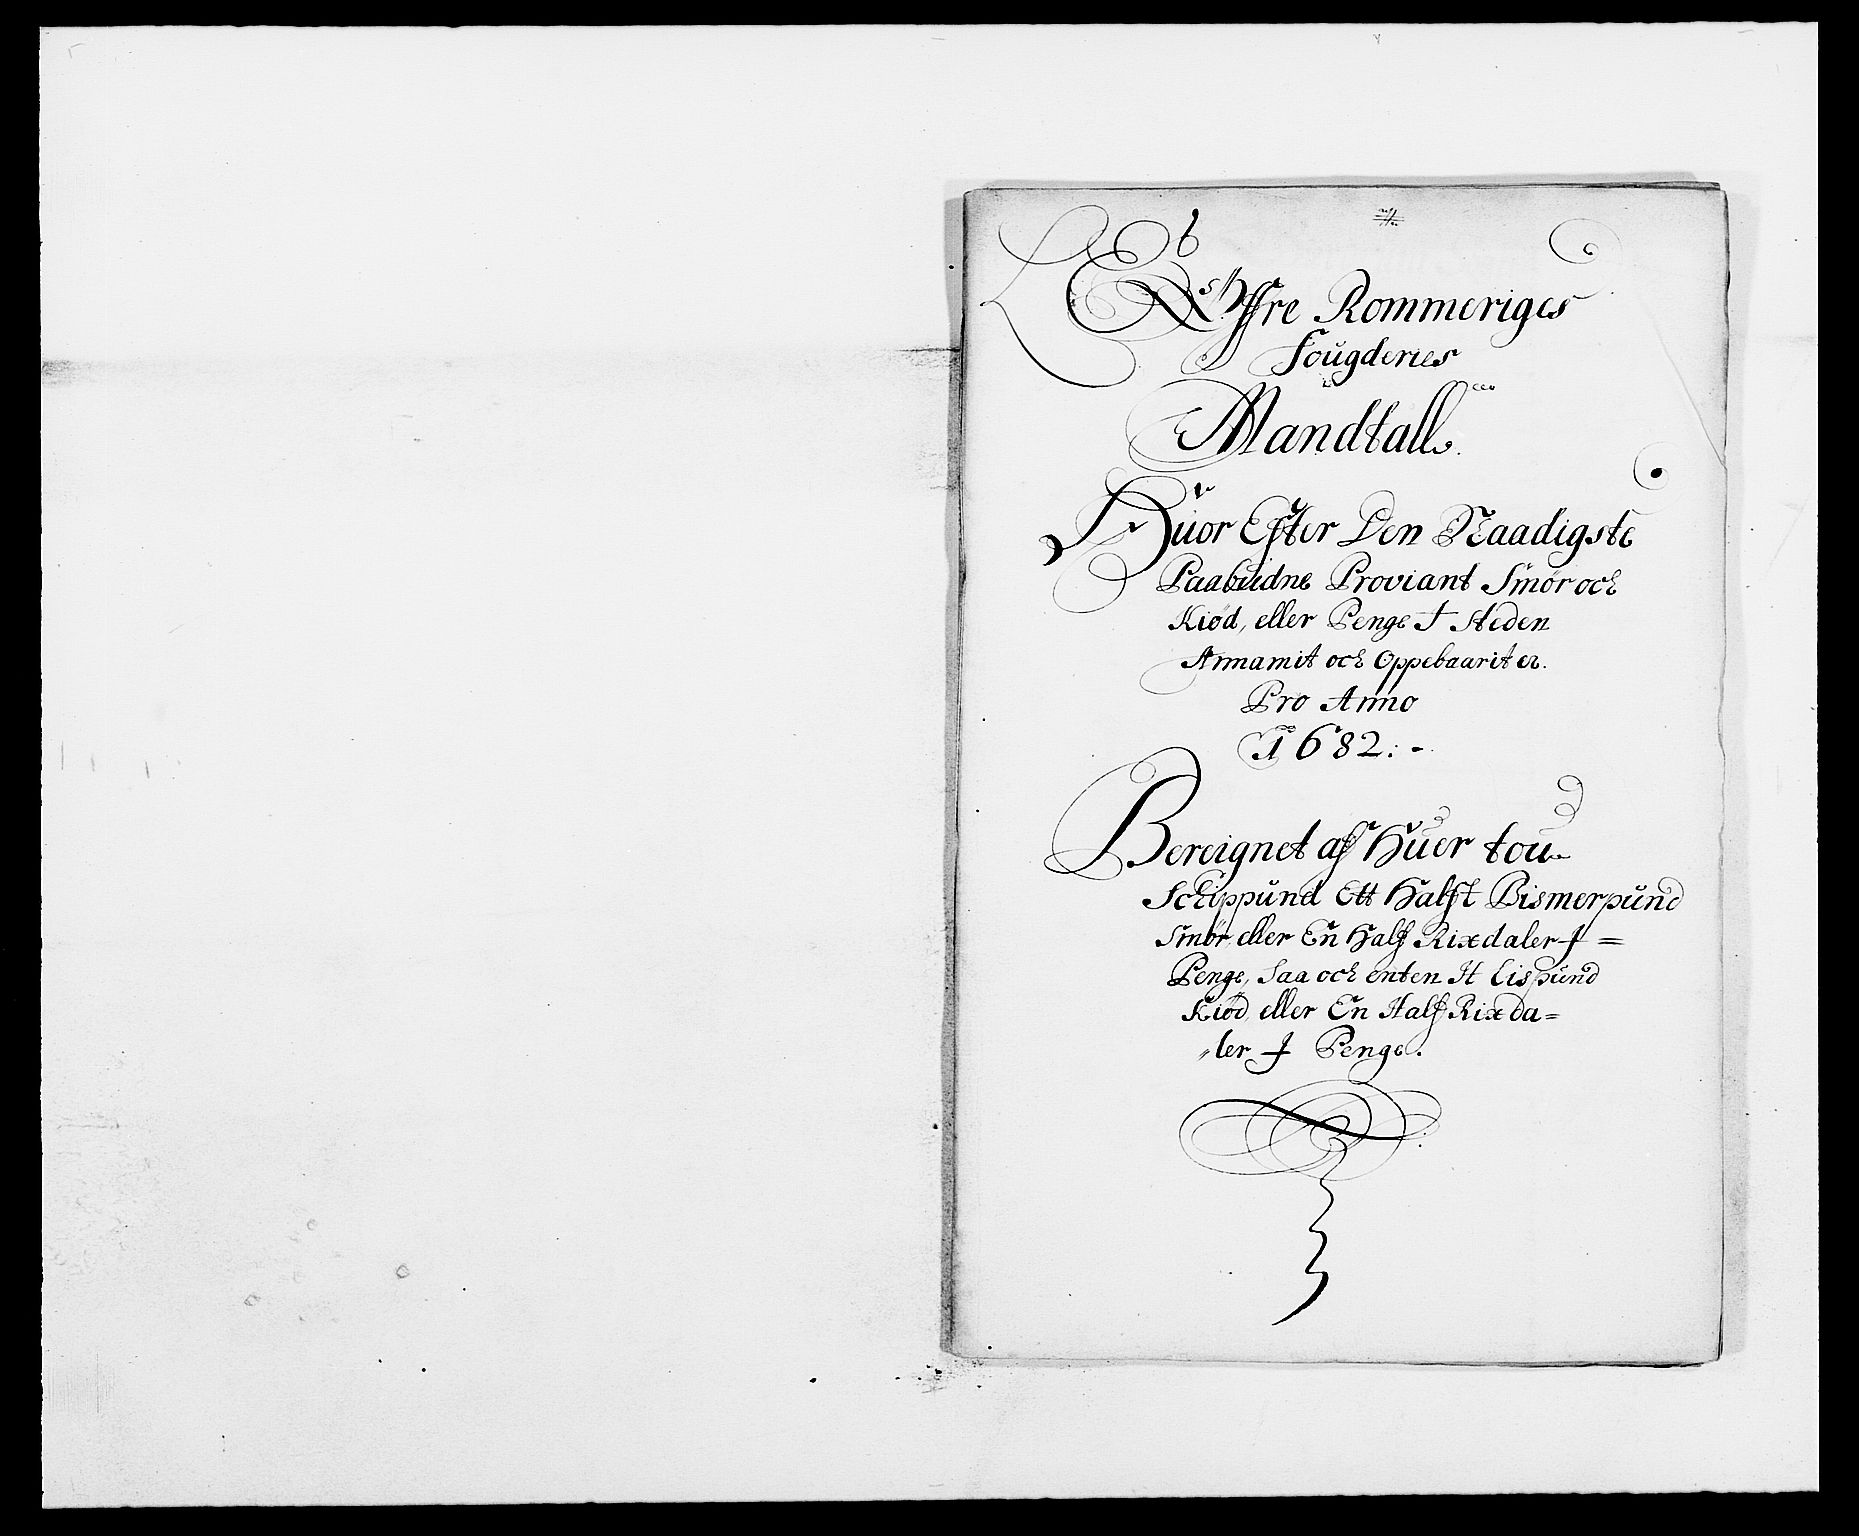 RA, Rentekammeret inntil 1814, Reviderte regnskaper, Fogderegnskap, R12/L0697: Fogderegnskap Øvre Romerike, 1682-1683, s. 162